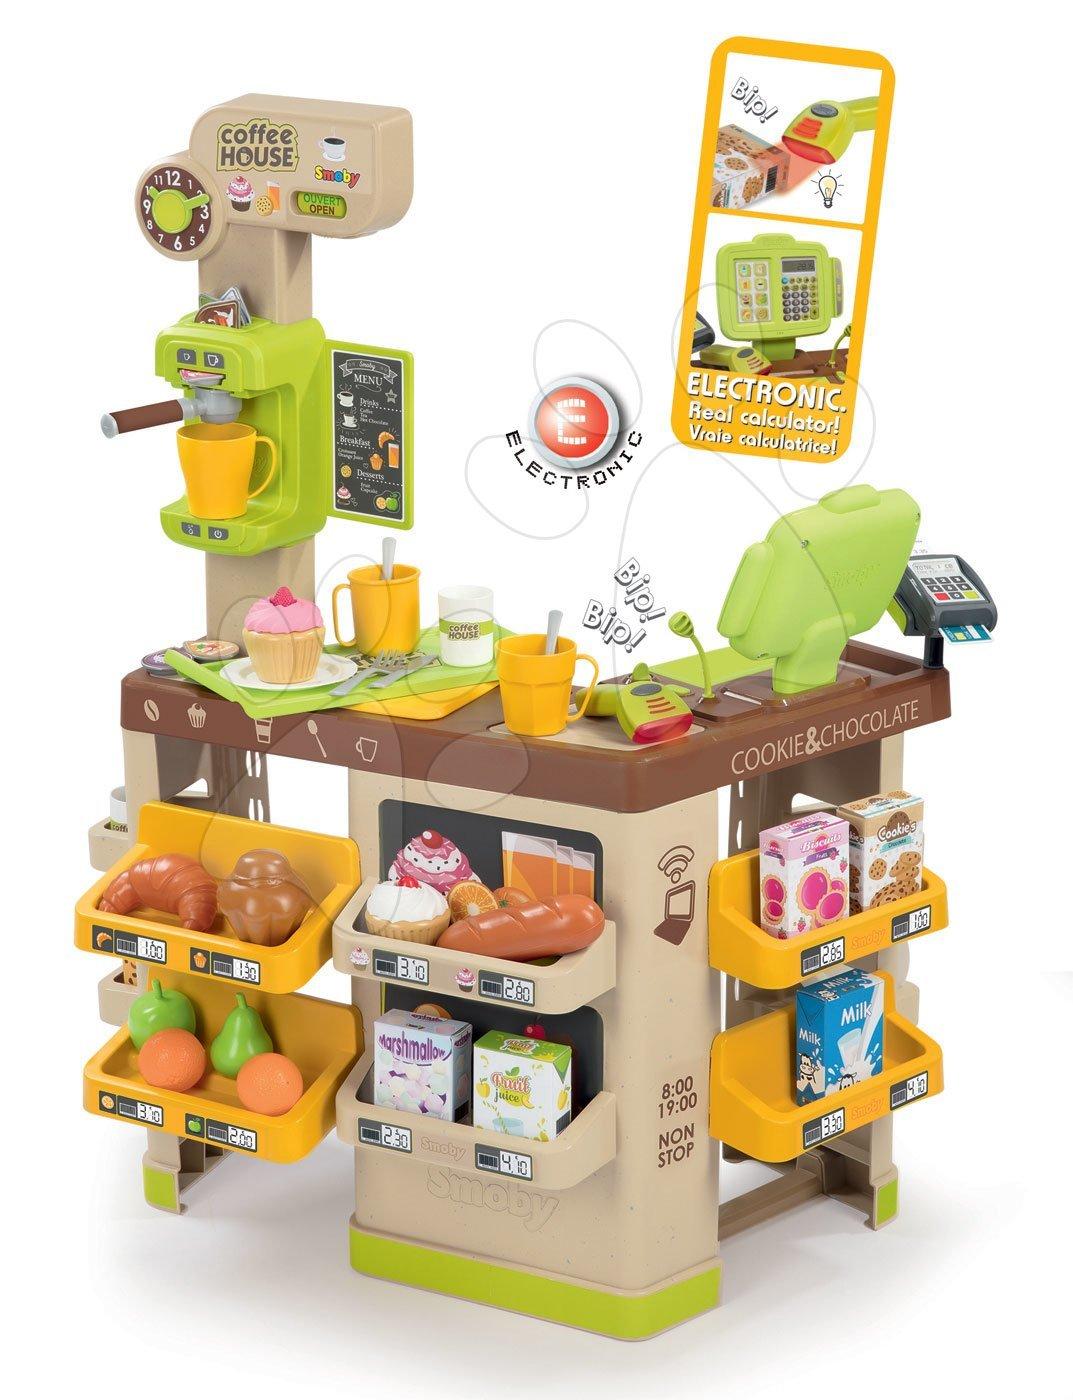 Obchody pre deti - Kaviareň s Espresso kávovarom Coffee House Smoby s elektronickou pokladňou, skenerom a 57 doplnkov